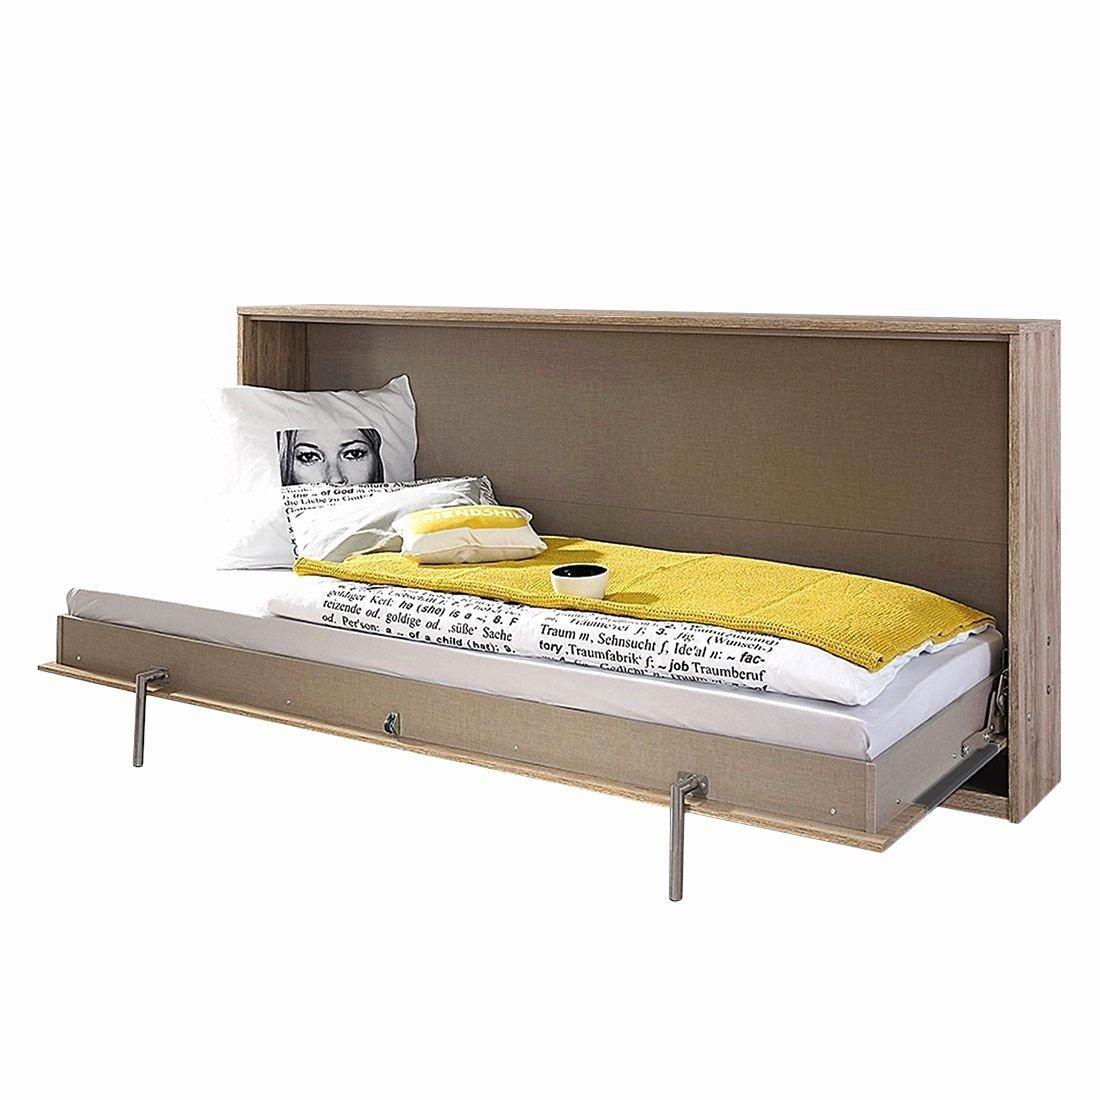 Armoire Lit Escamotable Ikea Meilleur De Lit Armoire Escamotable Ikea Bel Lit Mural Pas Cher Lit Escamotable